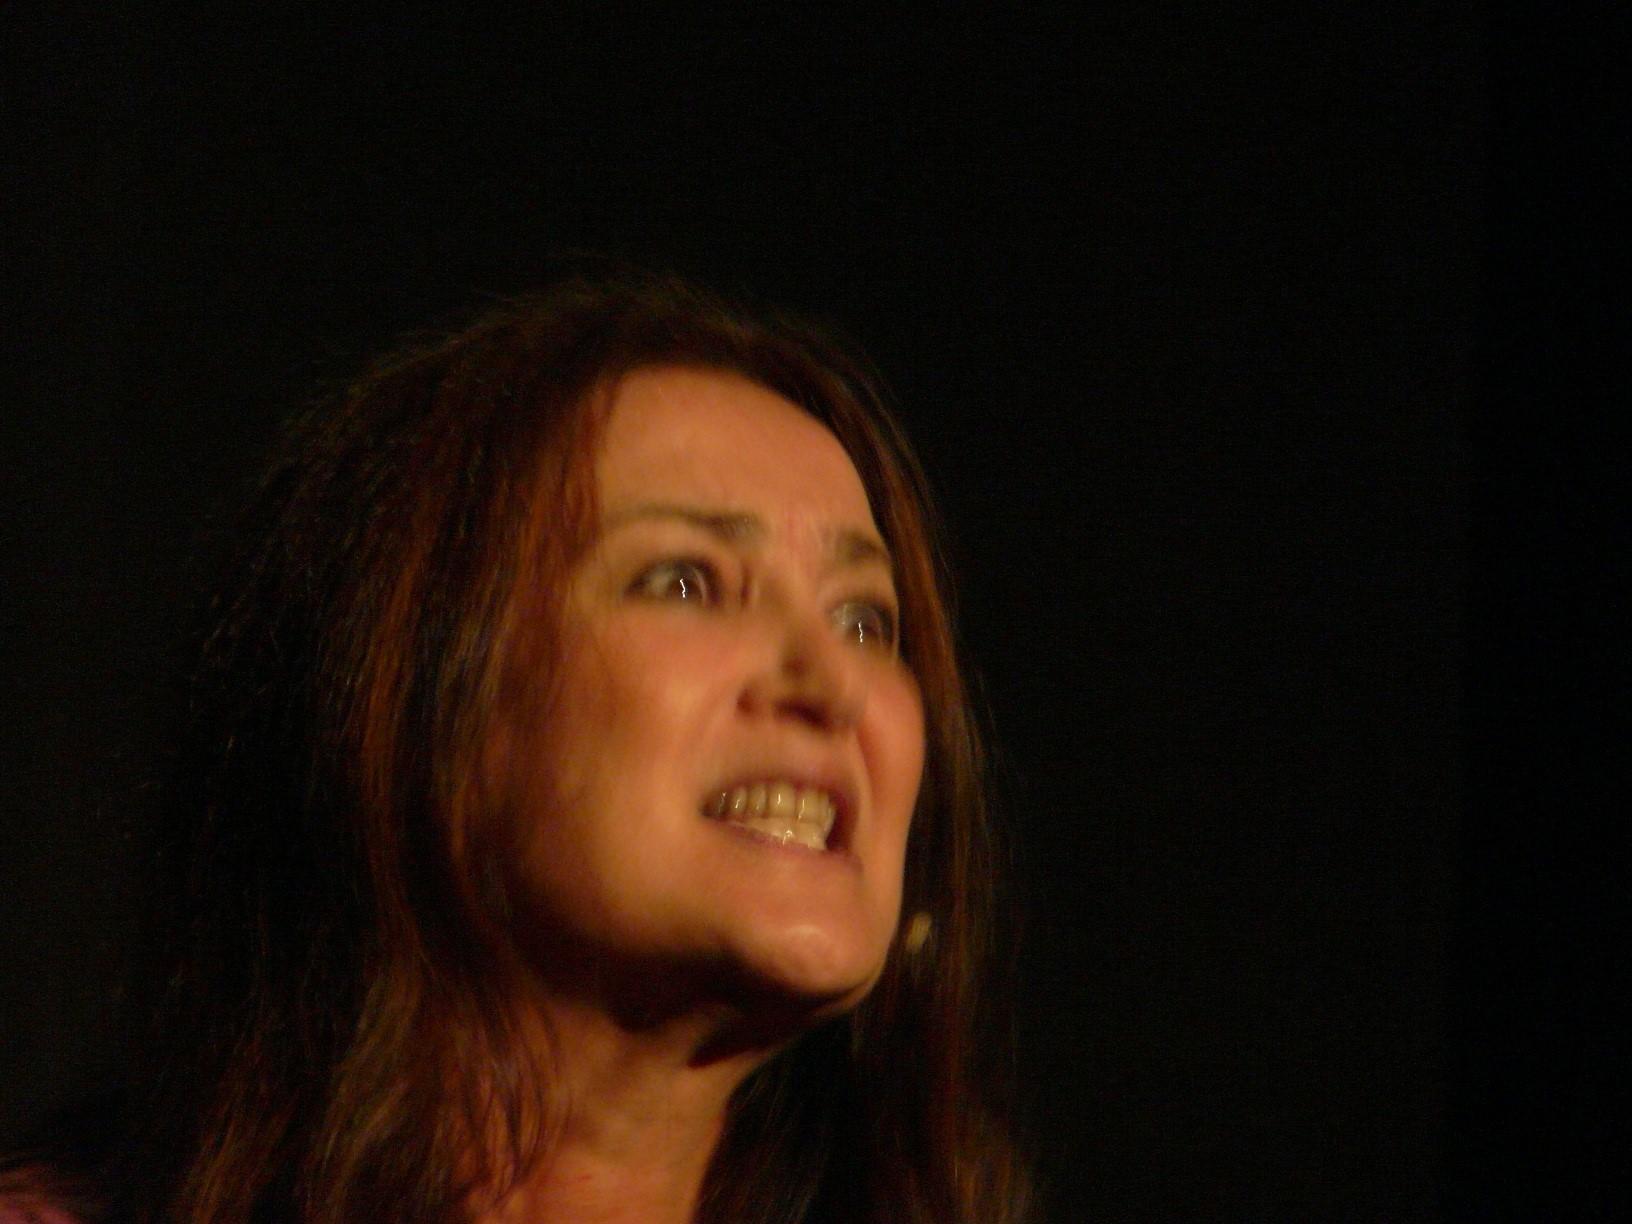 L'attrice Donatella Venuti è morta: teatro siciliano in lutt